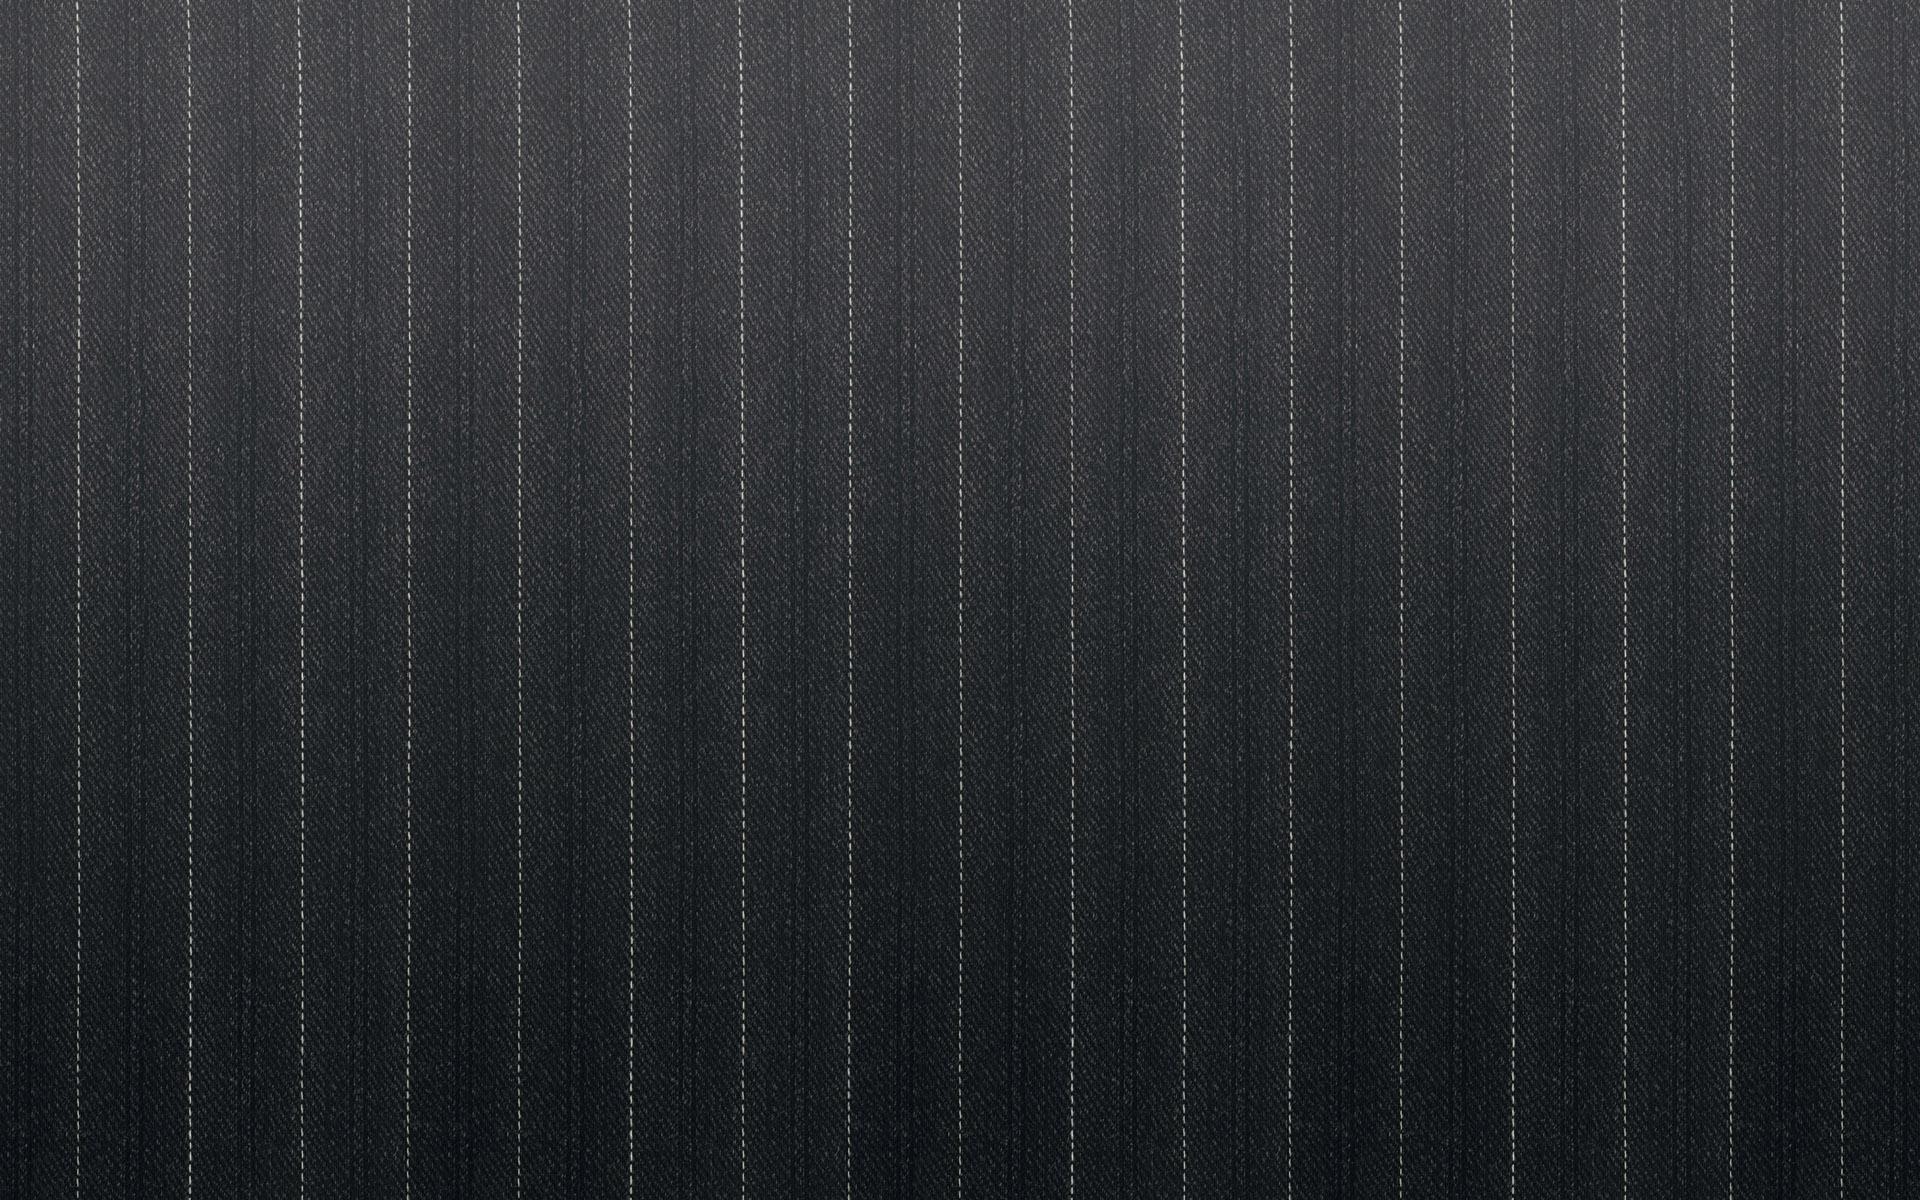 壁纸1920×1200Snow Leopard自带 2 8壁纸 Snow Leopard自带壁纸图片系统壁纸系统图片素材桌面壁纸